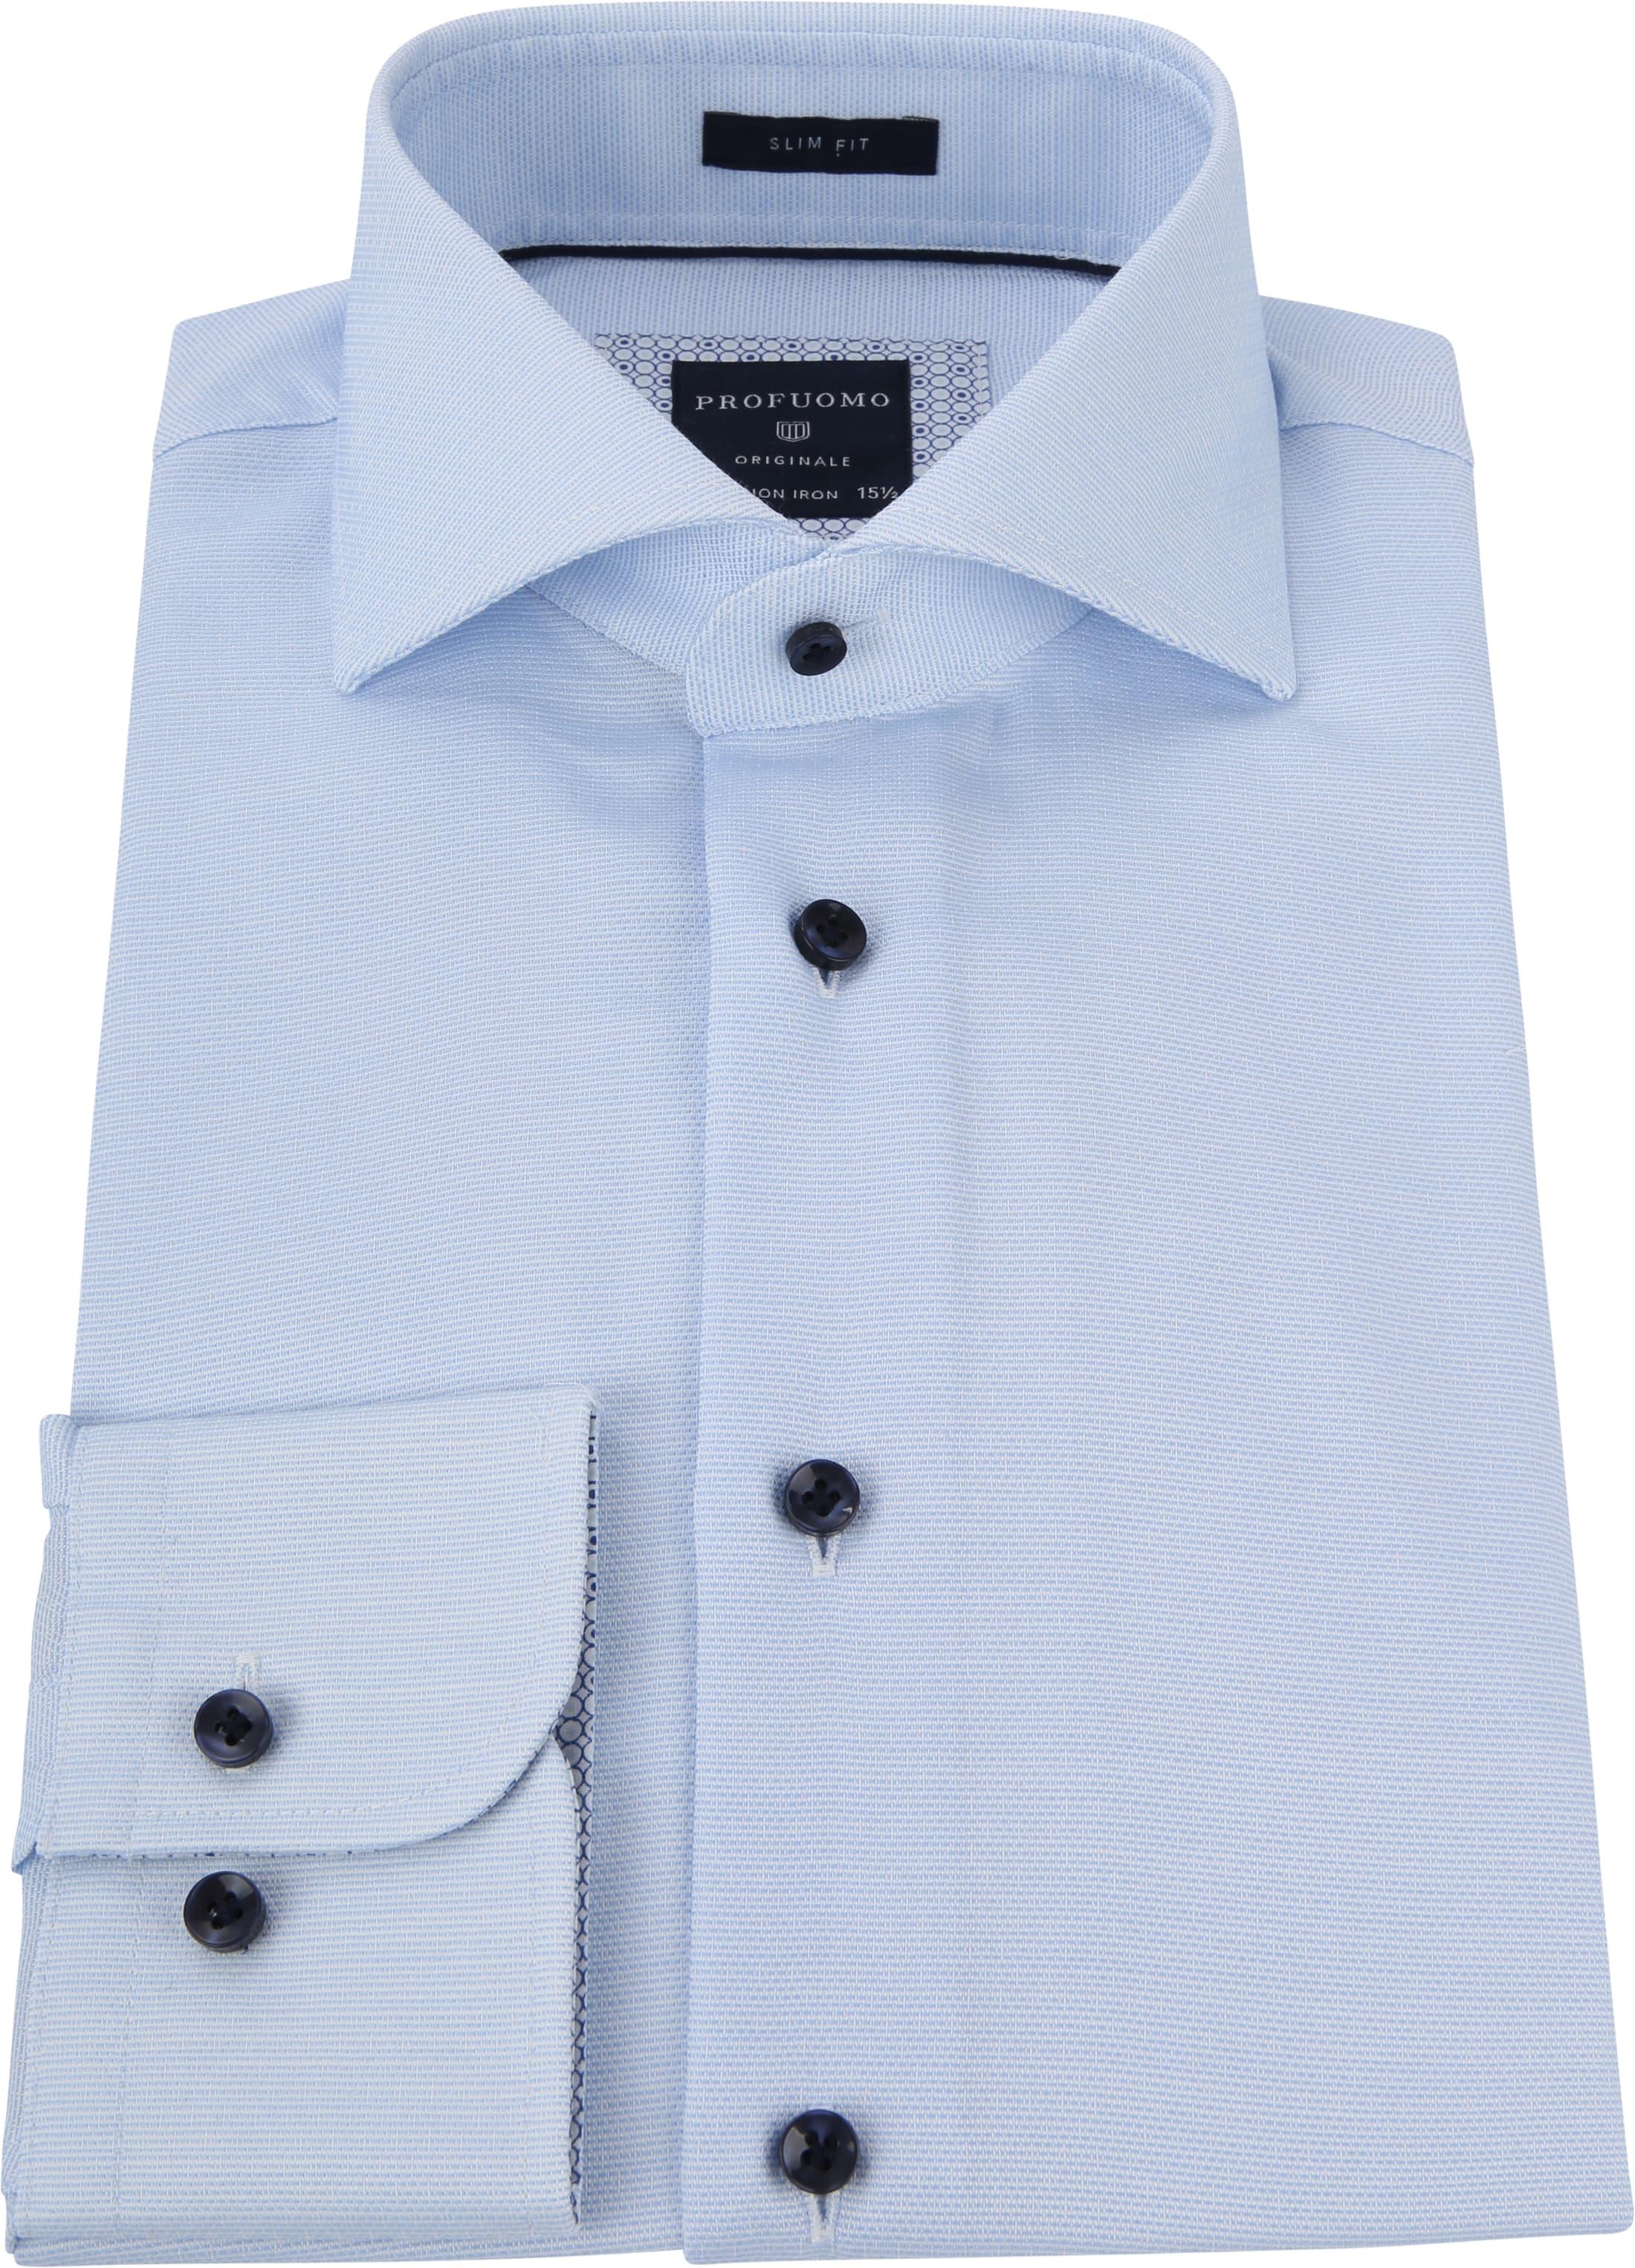 Profuomo Overhemd Dobby Lichtblauw foto 3